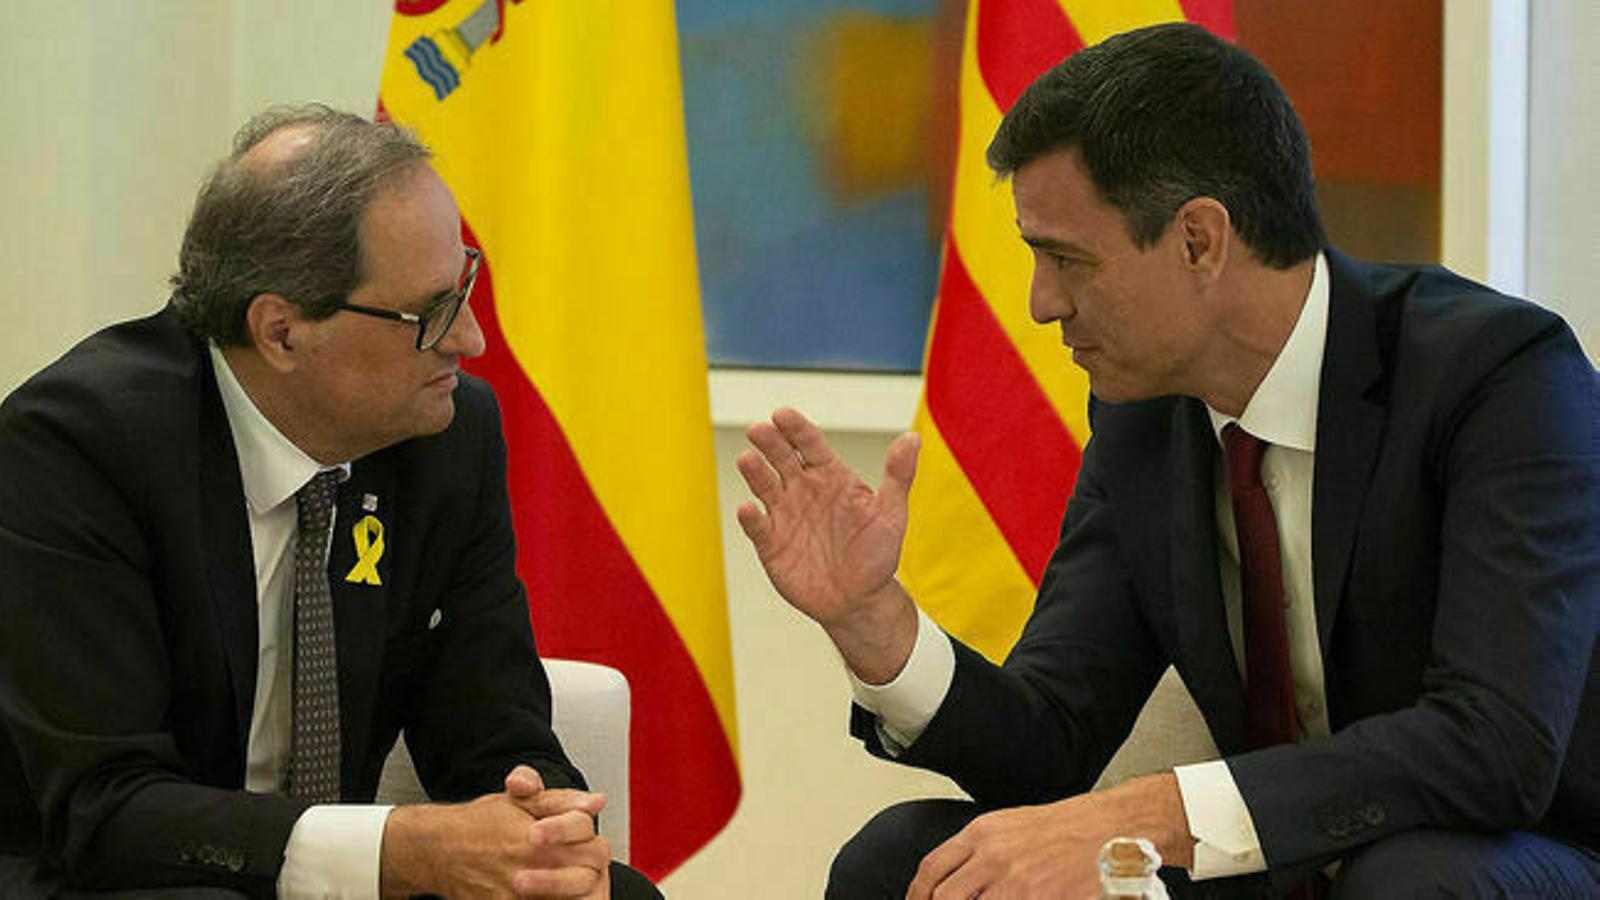 Torra contesta la carta de Sánchez i l'emplaça a reunir-se avui aprofitant la seva visita a Barcelona